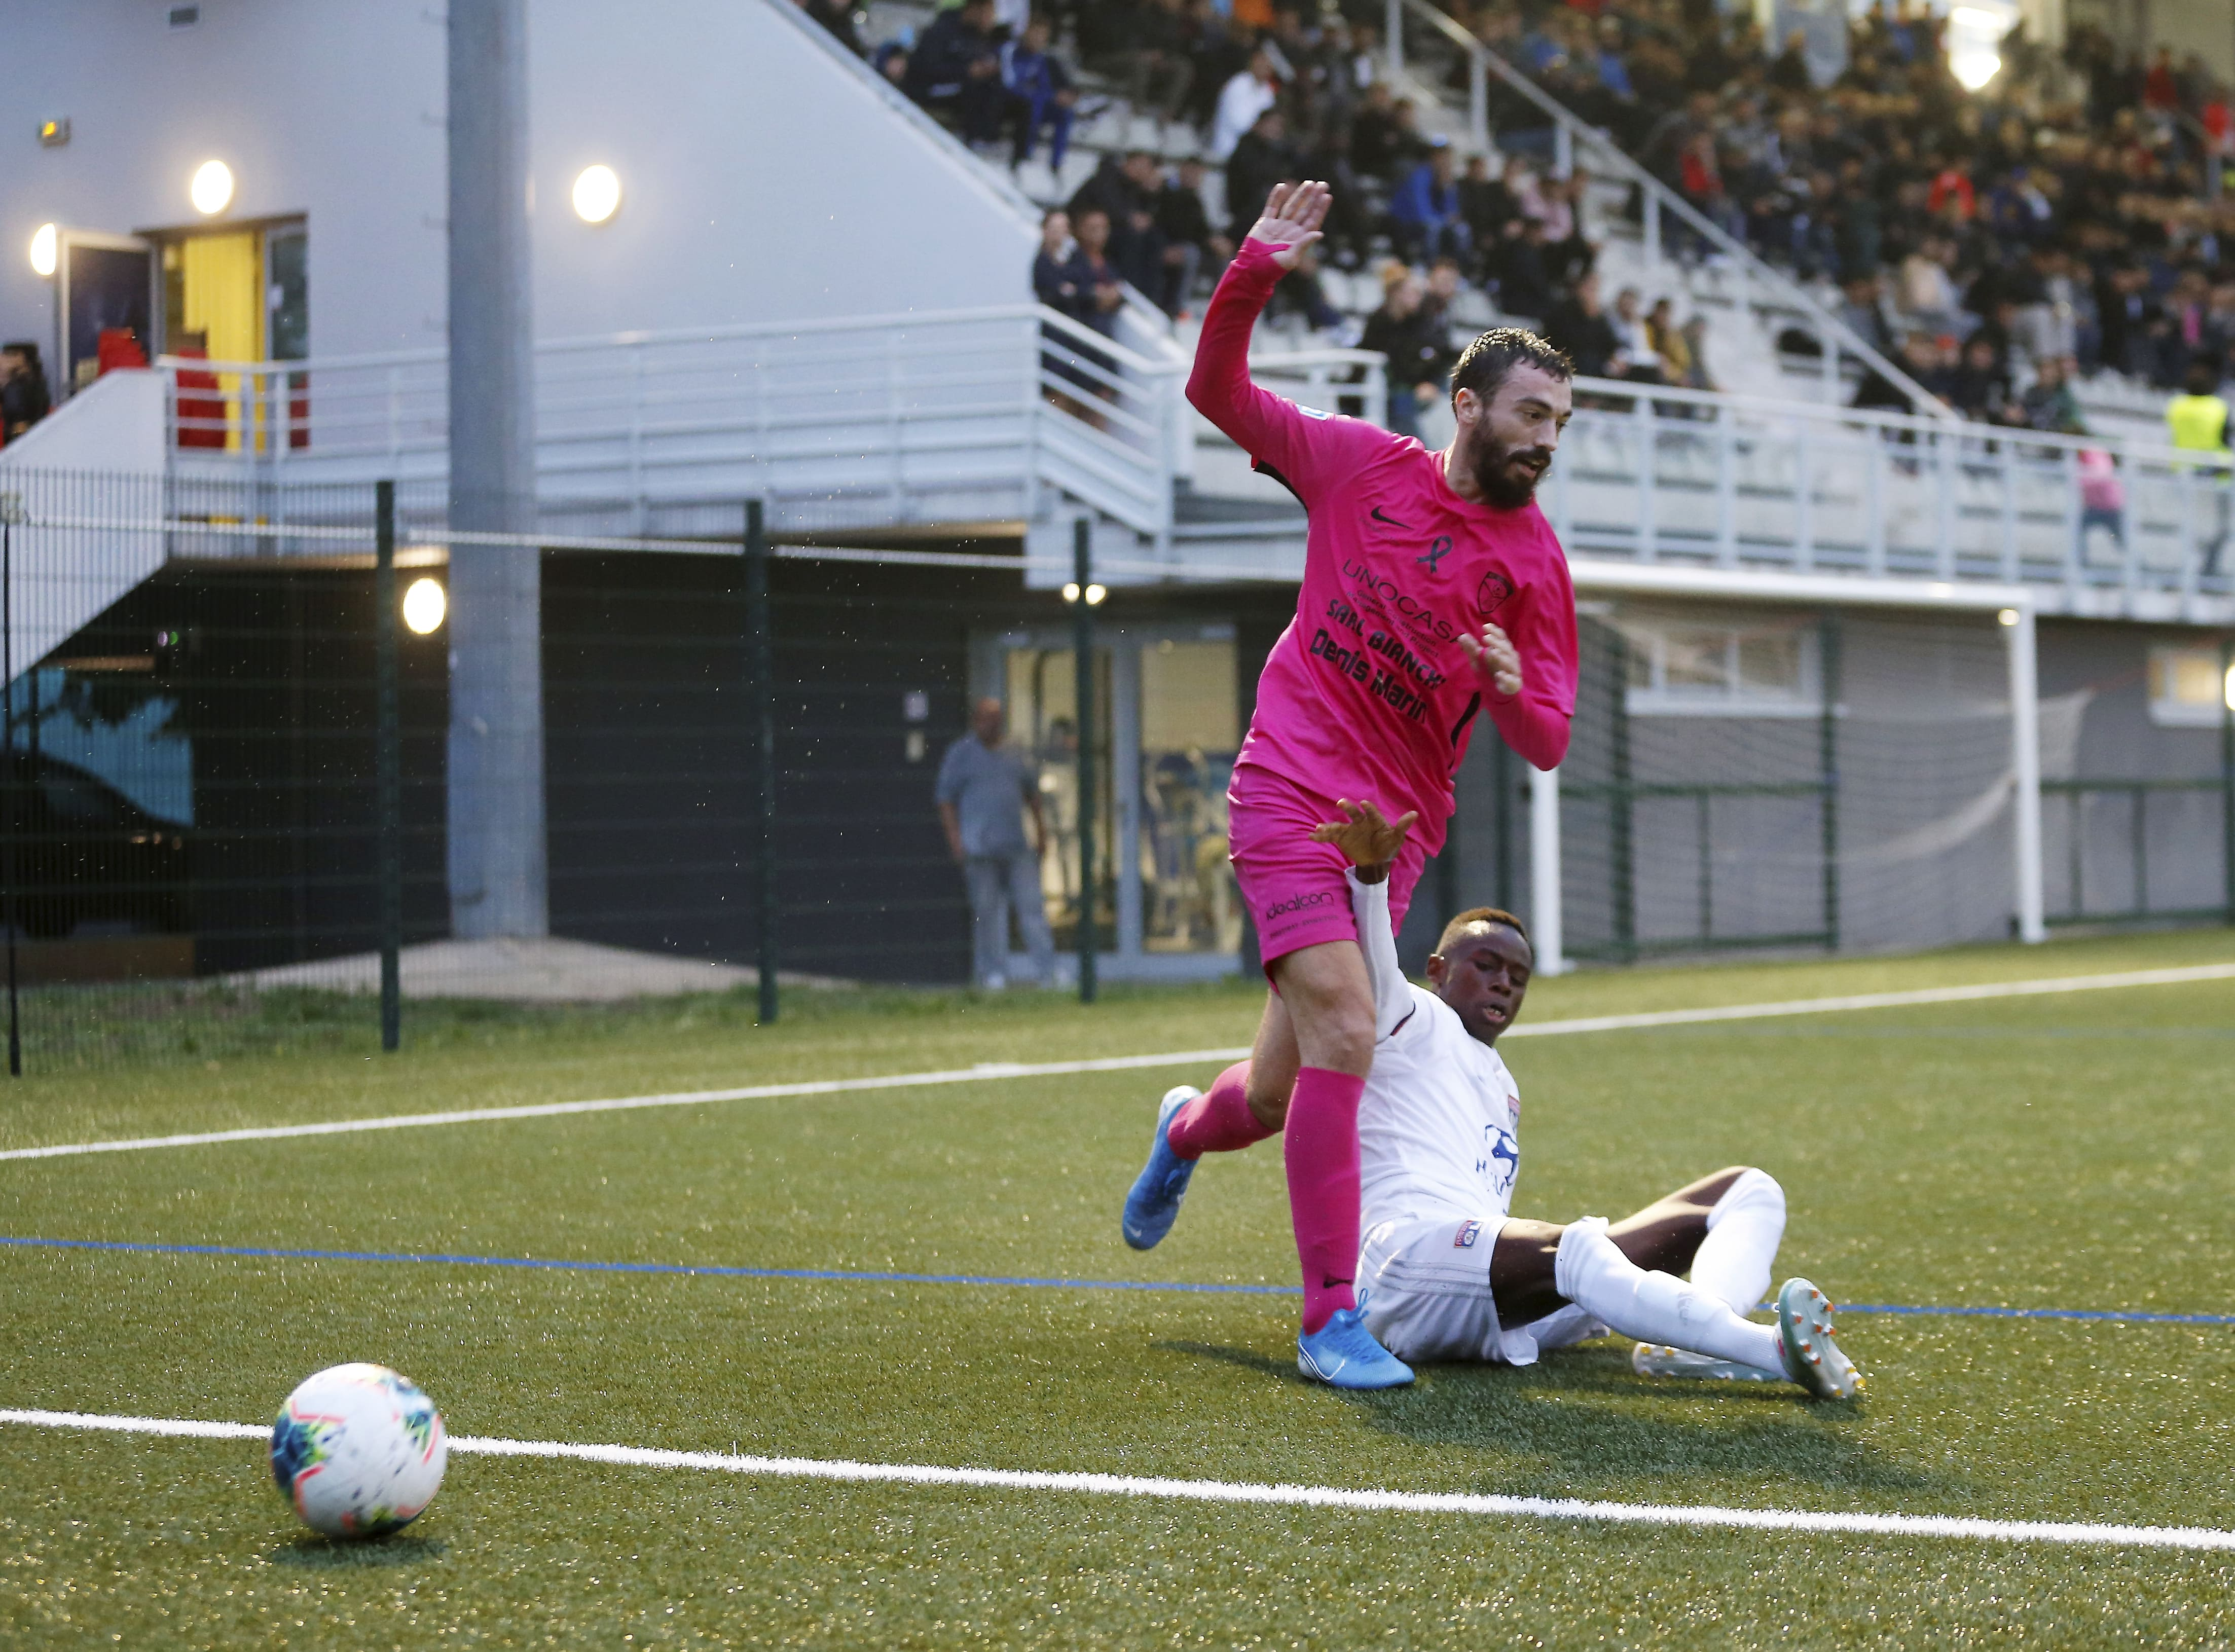 N2 : Revivez en vidéo les buts de Frank Delerue et Jackson Mendes face à l'OL